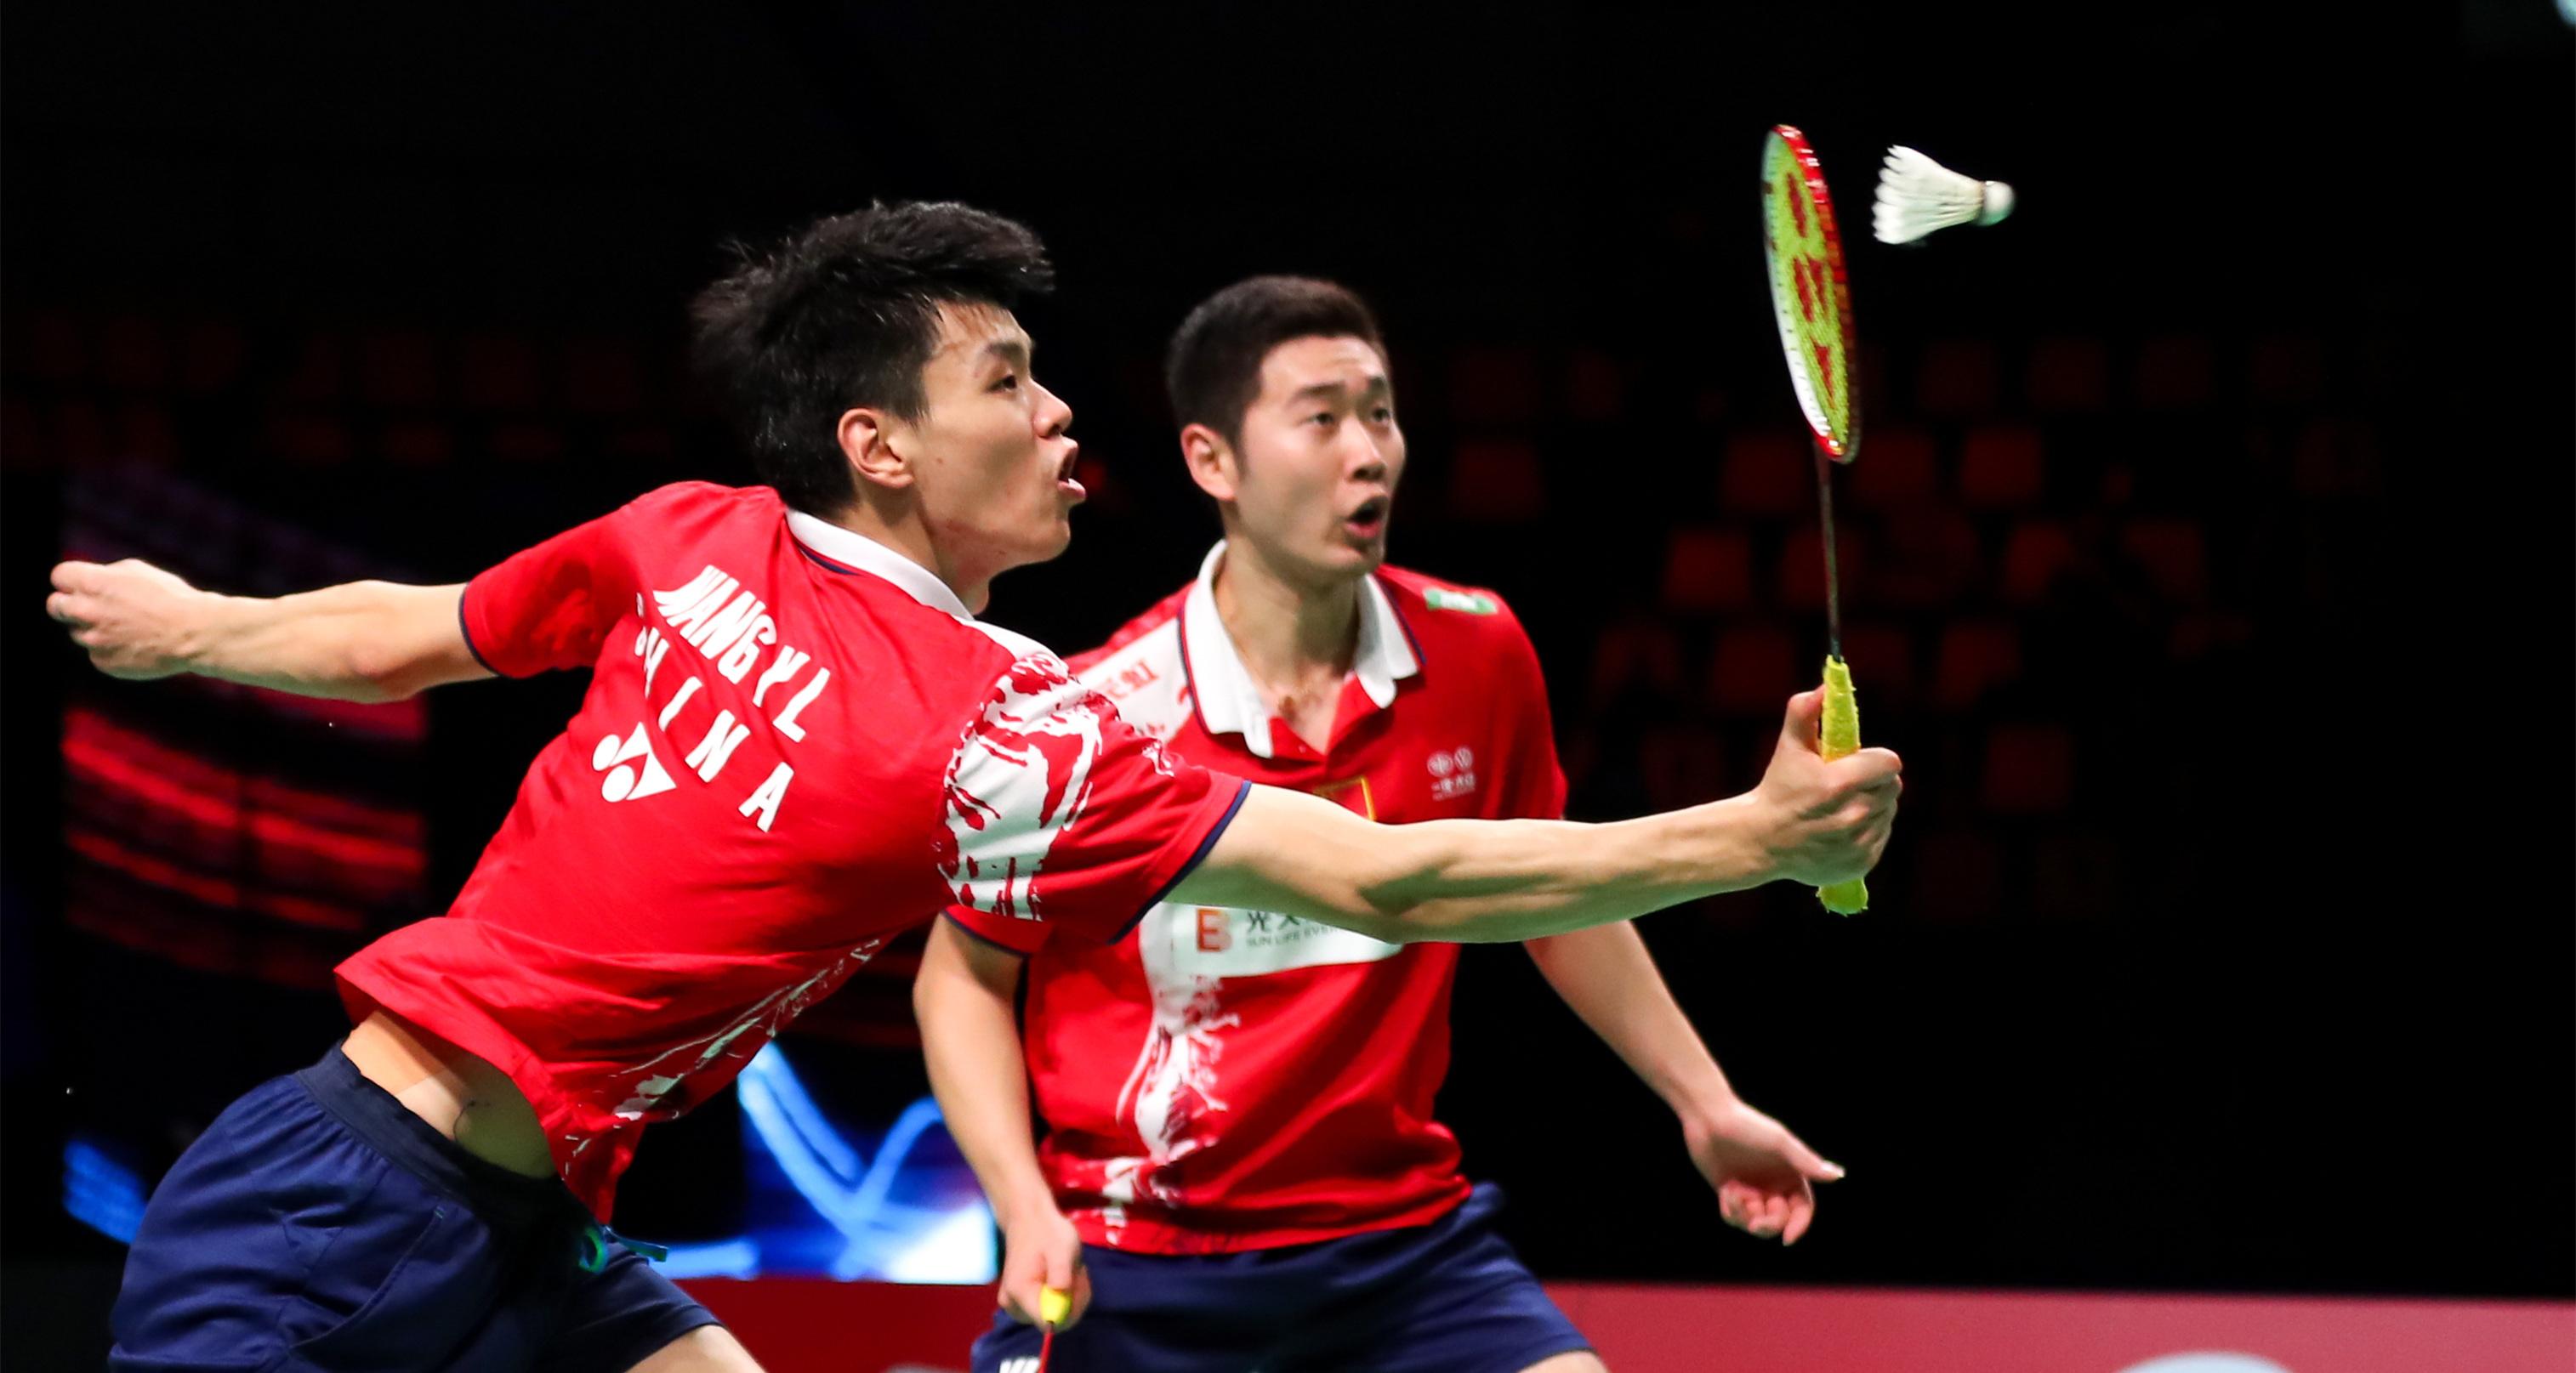 湯姆斯杯小組賽:中國隊勝印度隊